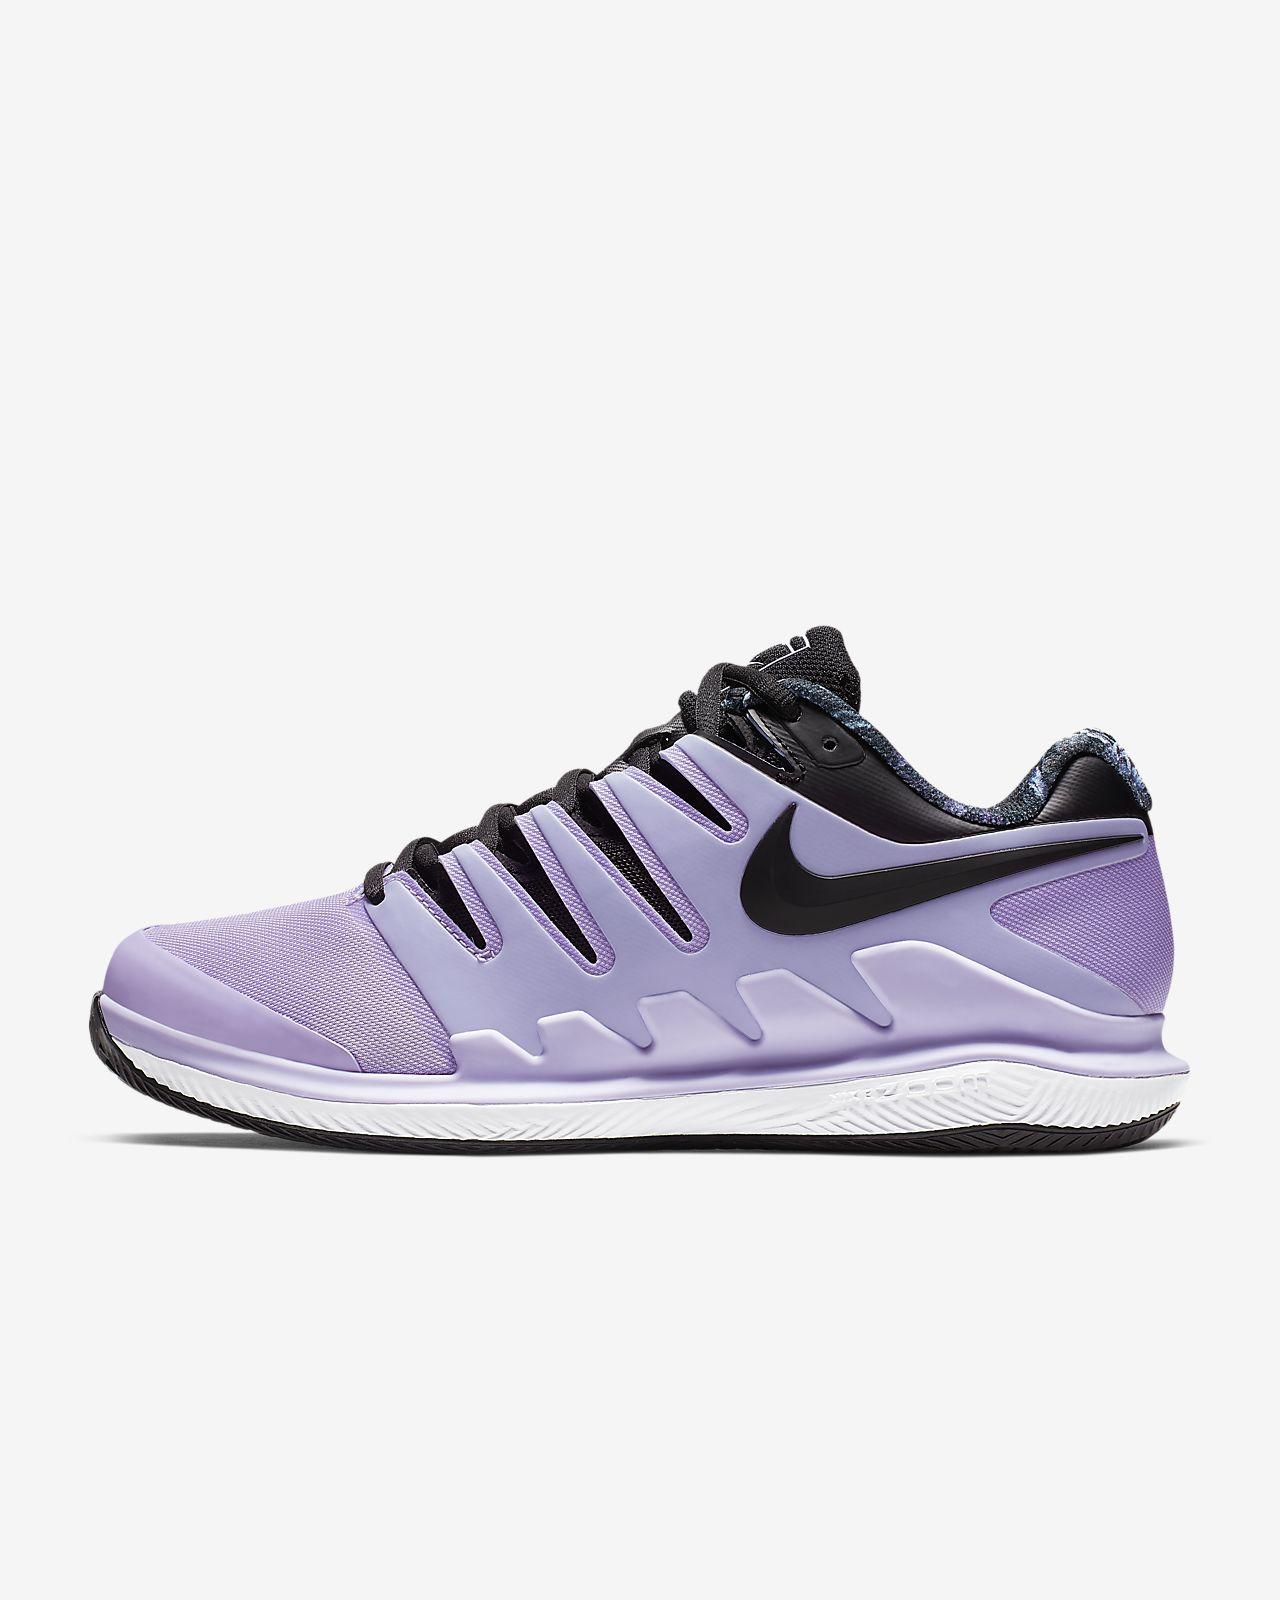 Chaussure Femme Air De Nikecourt X Tennis Pour Battue Terre Zoom Vapor cR354LAjqS